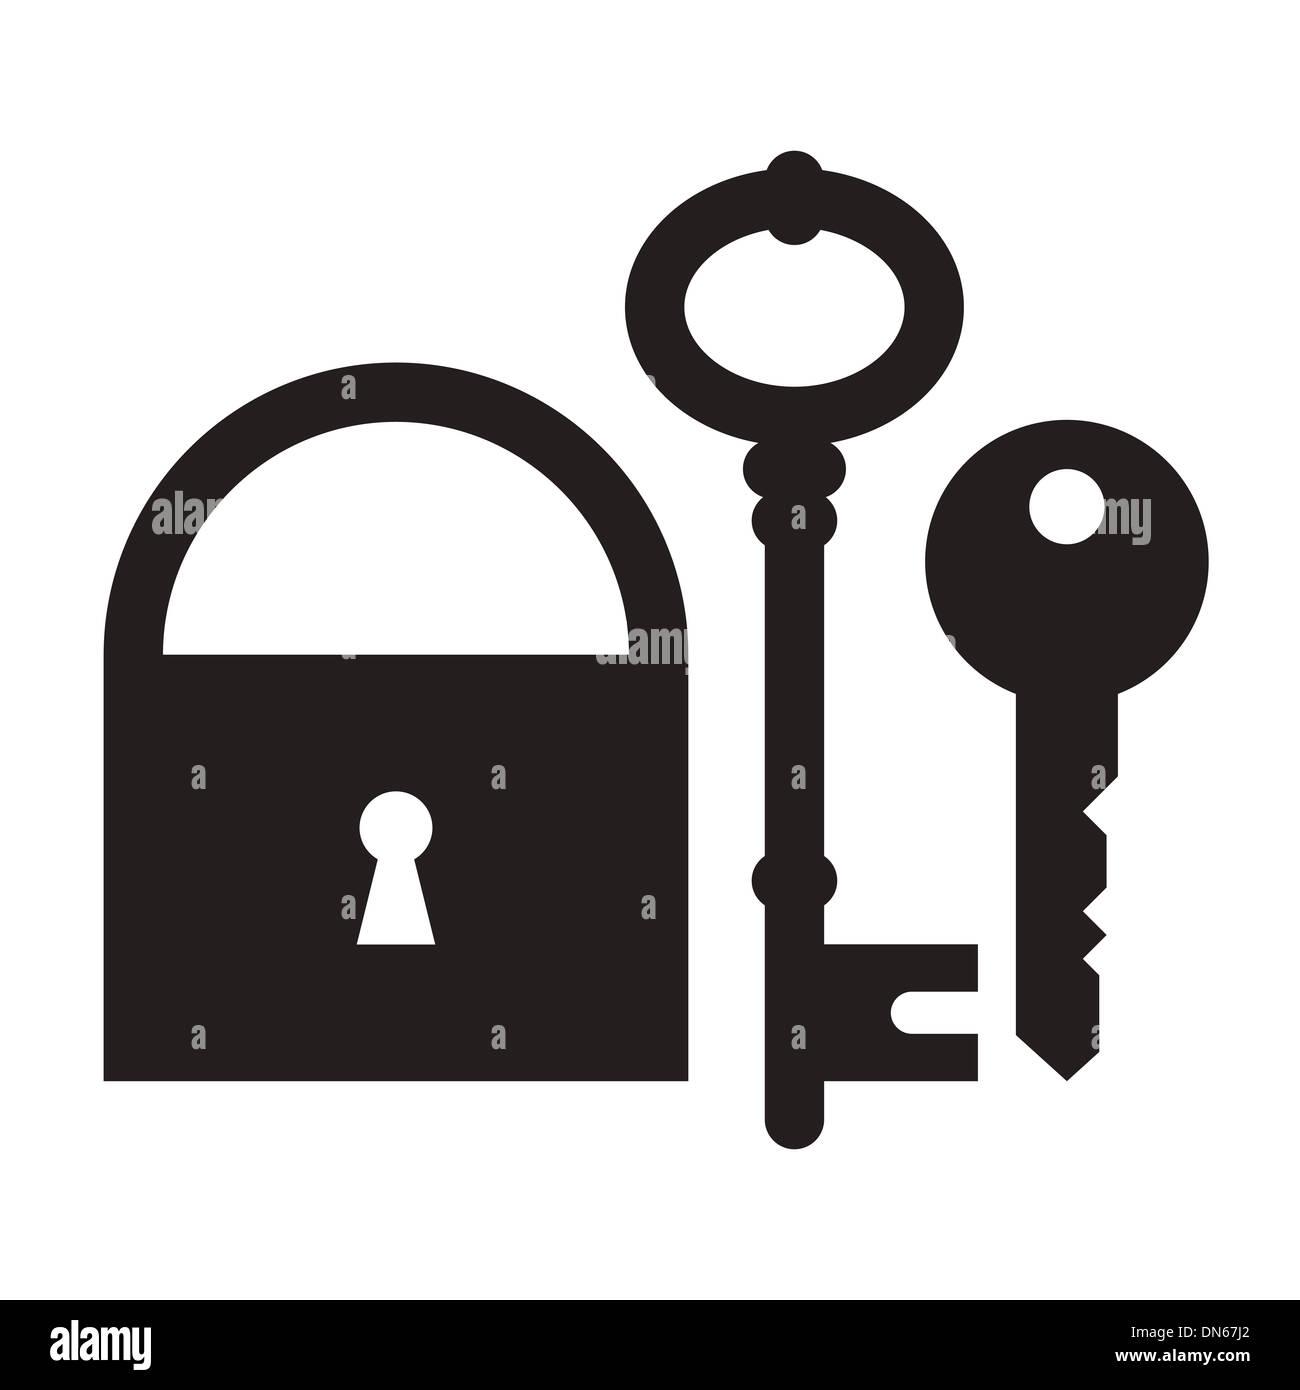 Padlock and keys isolated on white background - Stock Image